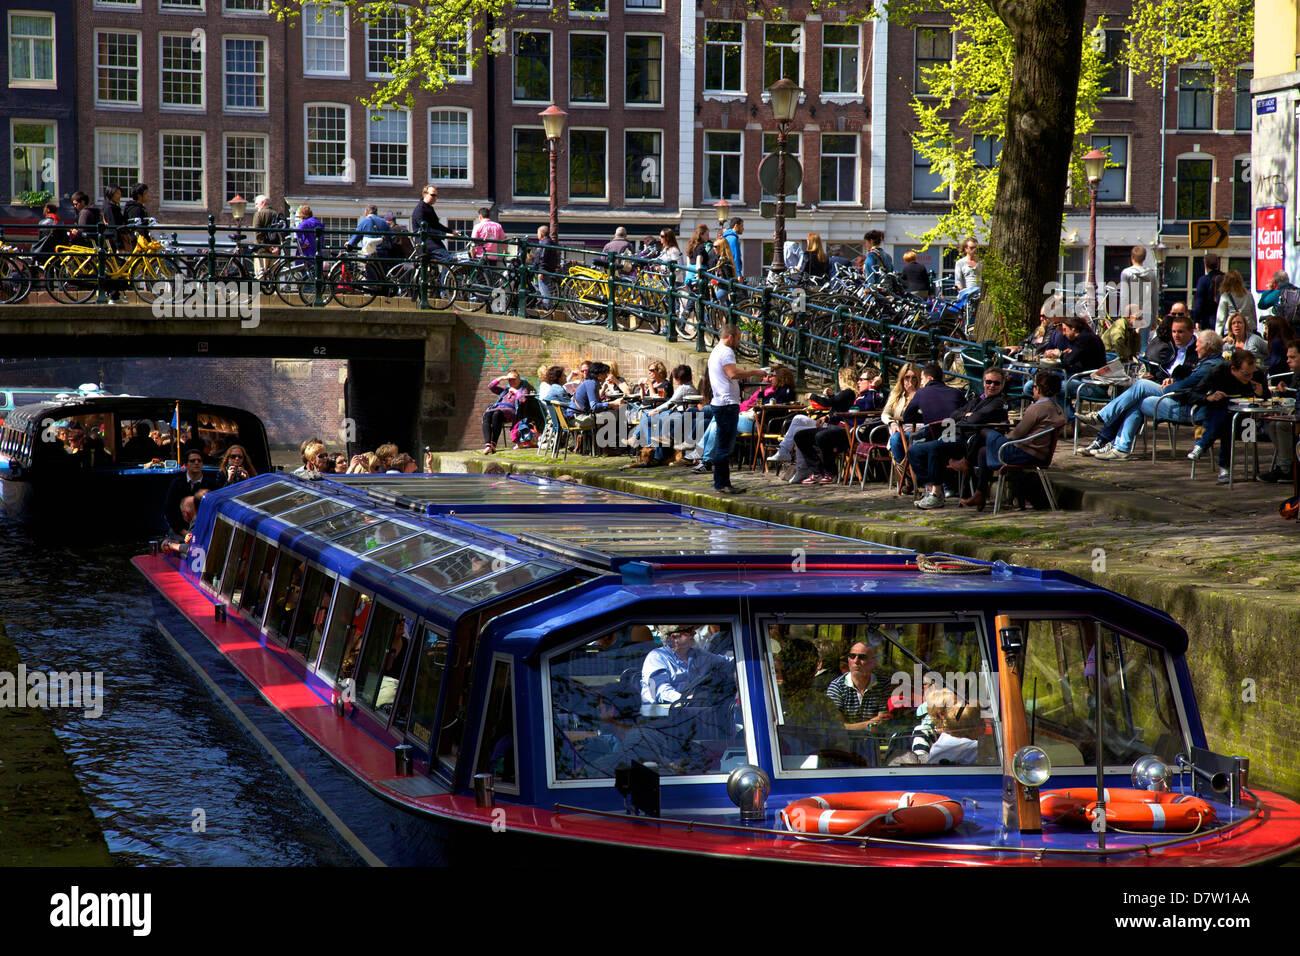 Imbarcazione turistica su Leliegracht, Amsterdam, Paesi Bassi Immagini Stock